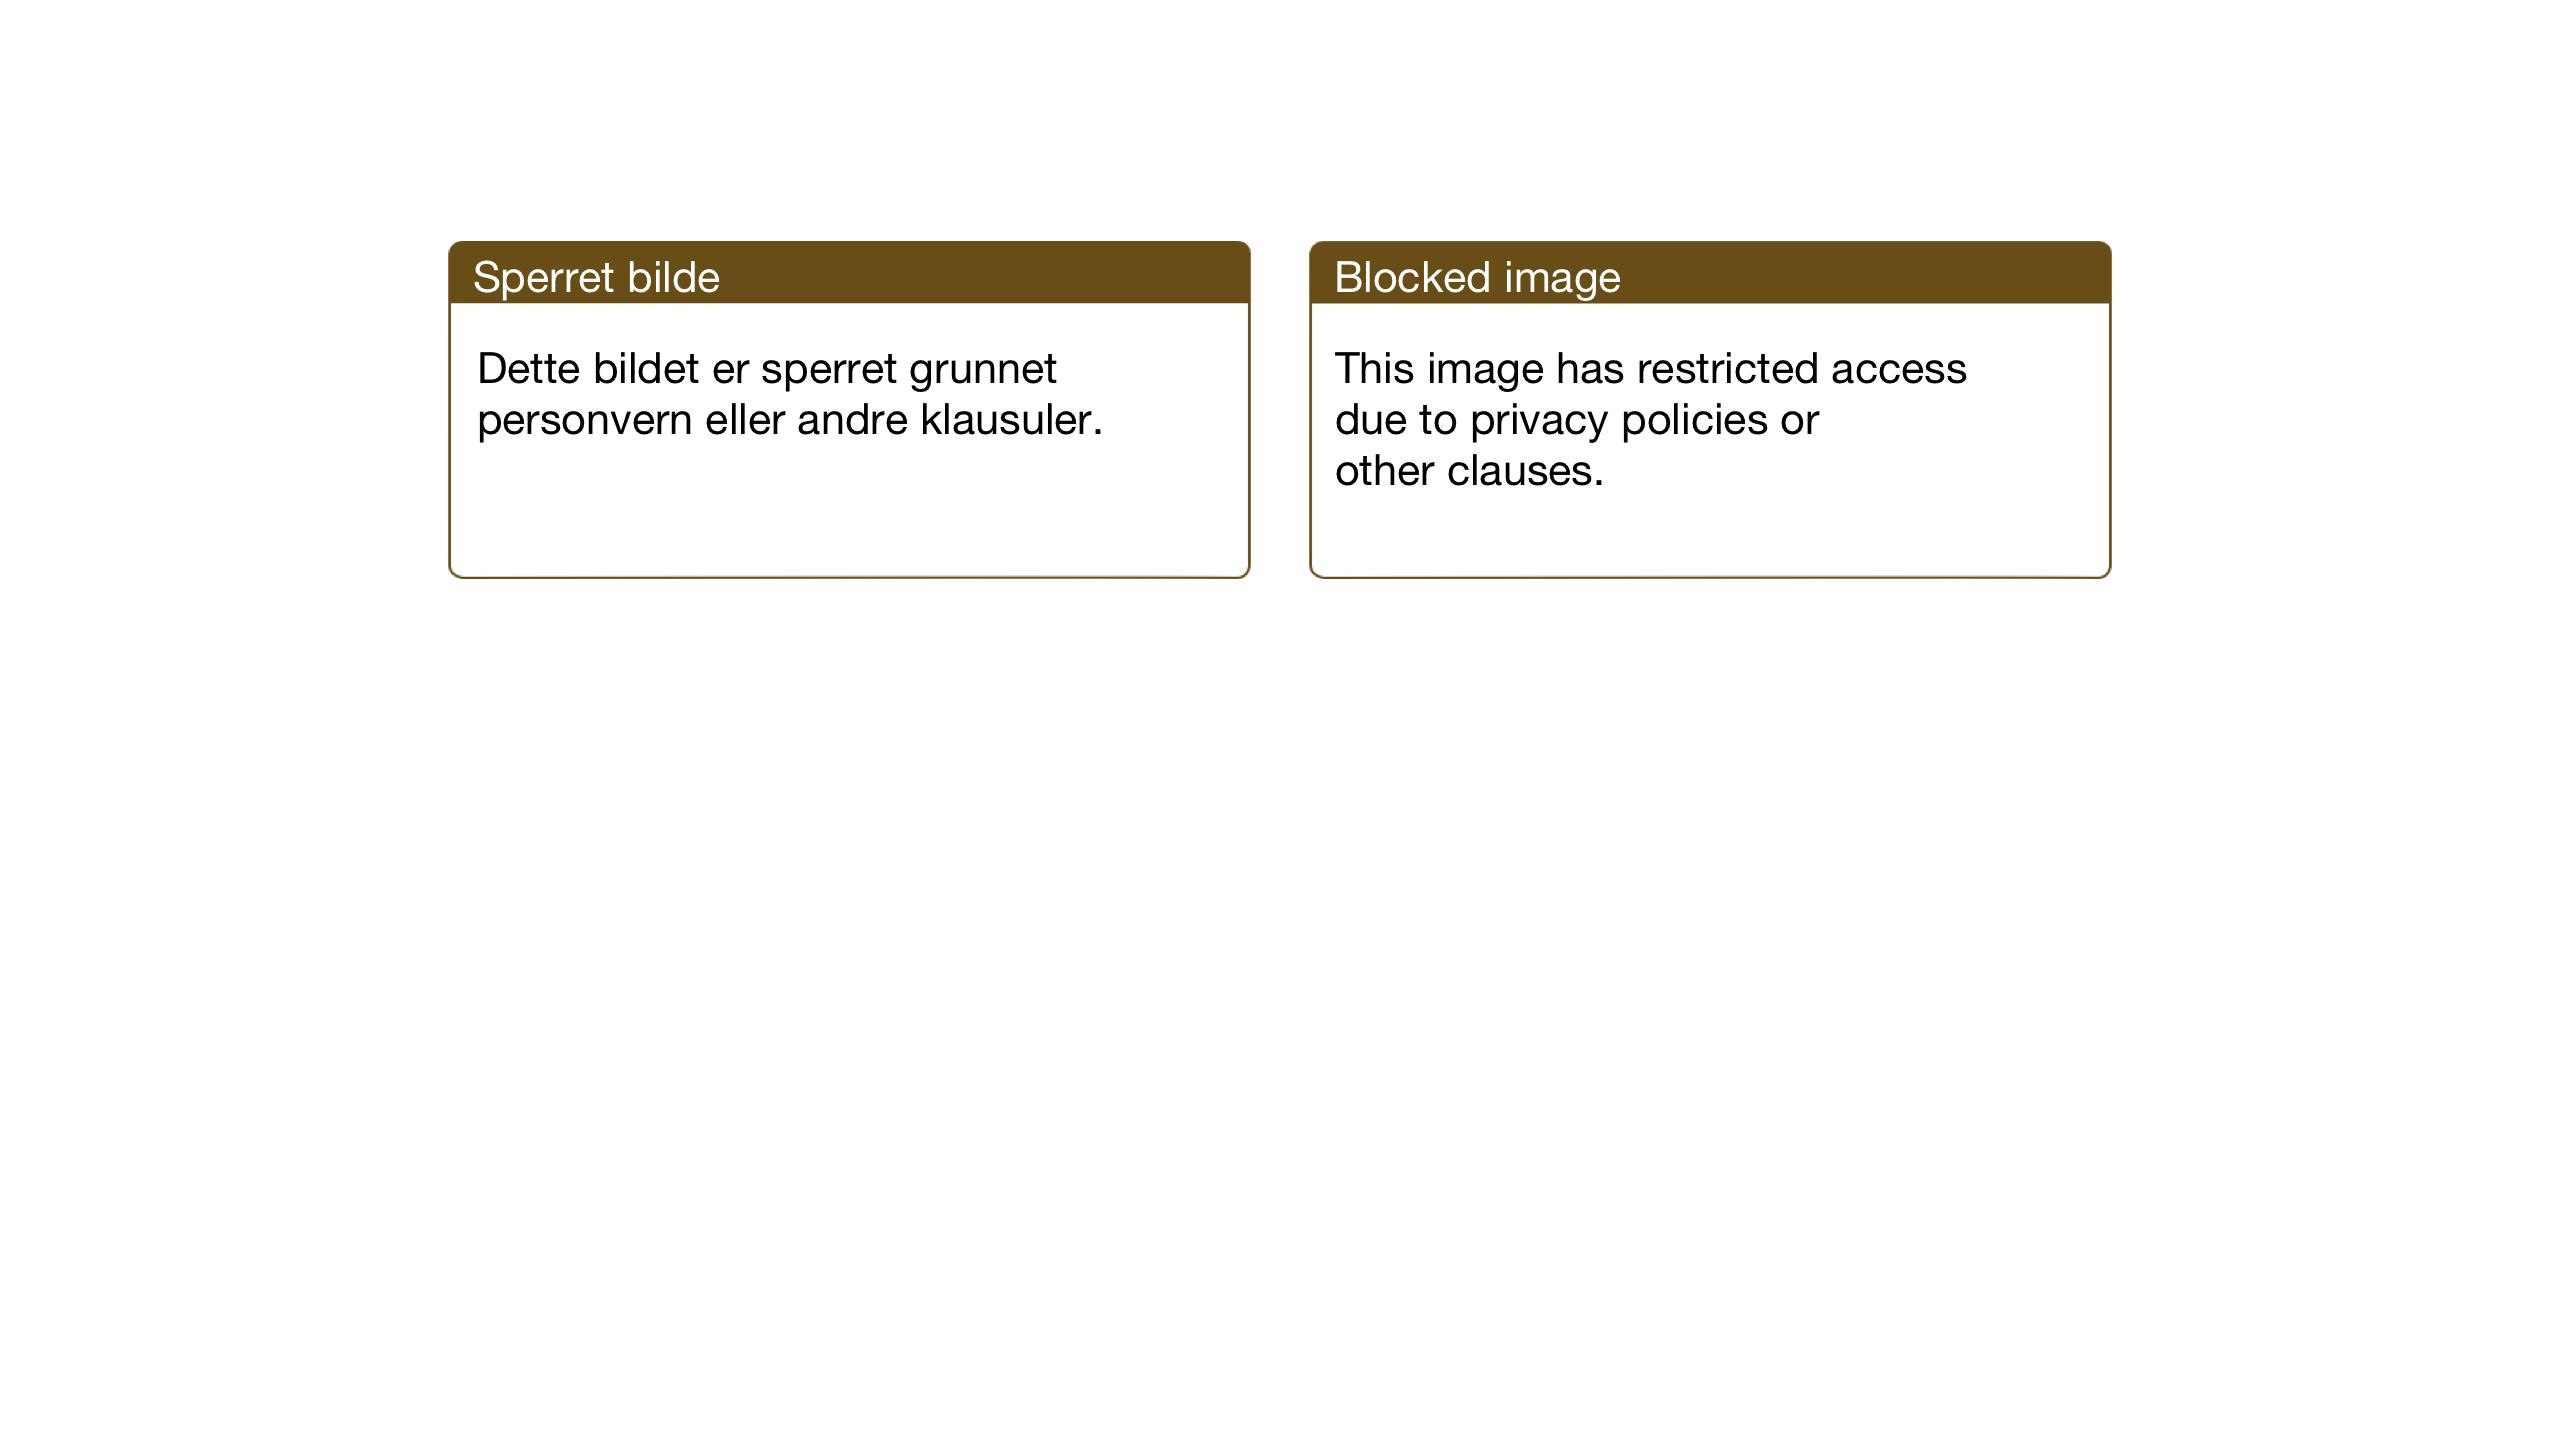 SAT, Ministerialprotokoller, klokkerbøker og fødselsregistre - Sør-Trøndelag, 698/L1169: Klokkerbok nr. 698C06, 1930-1949, s. 12